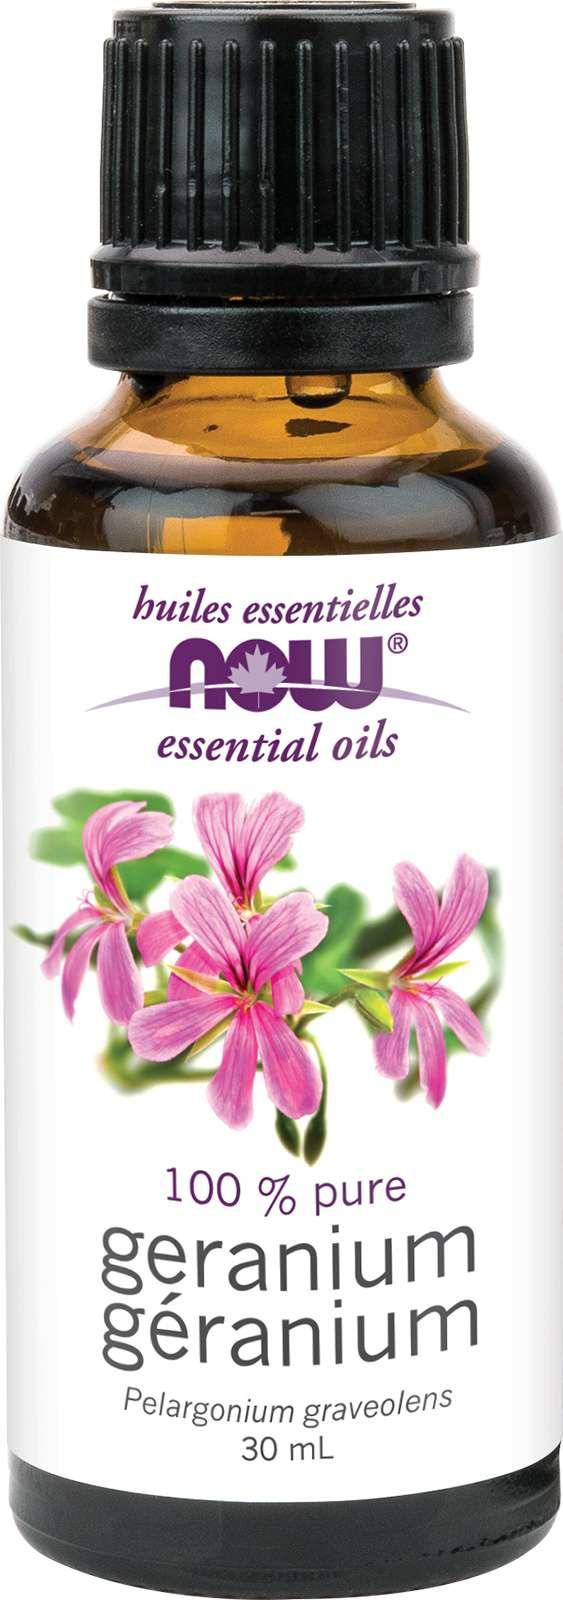 Geranium Oil (Pelargonium graveolens) 30mL